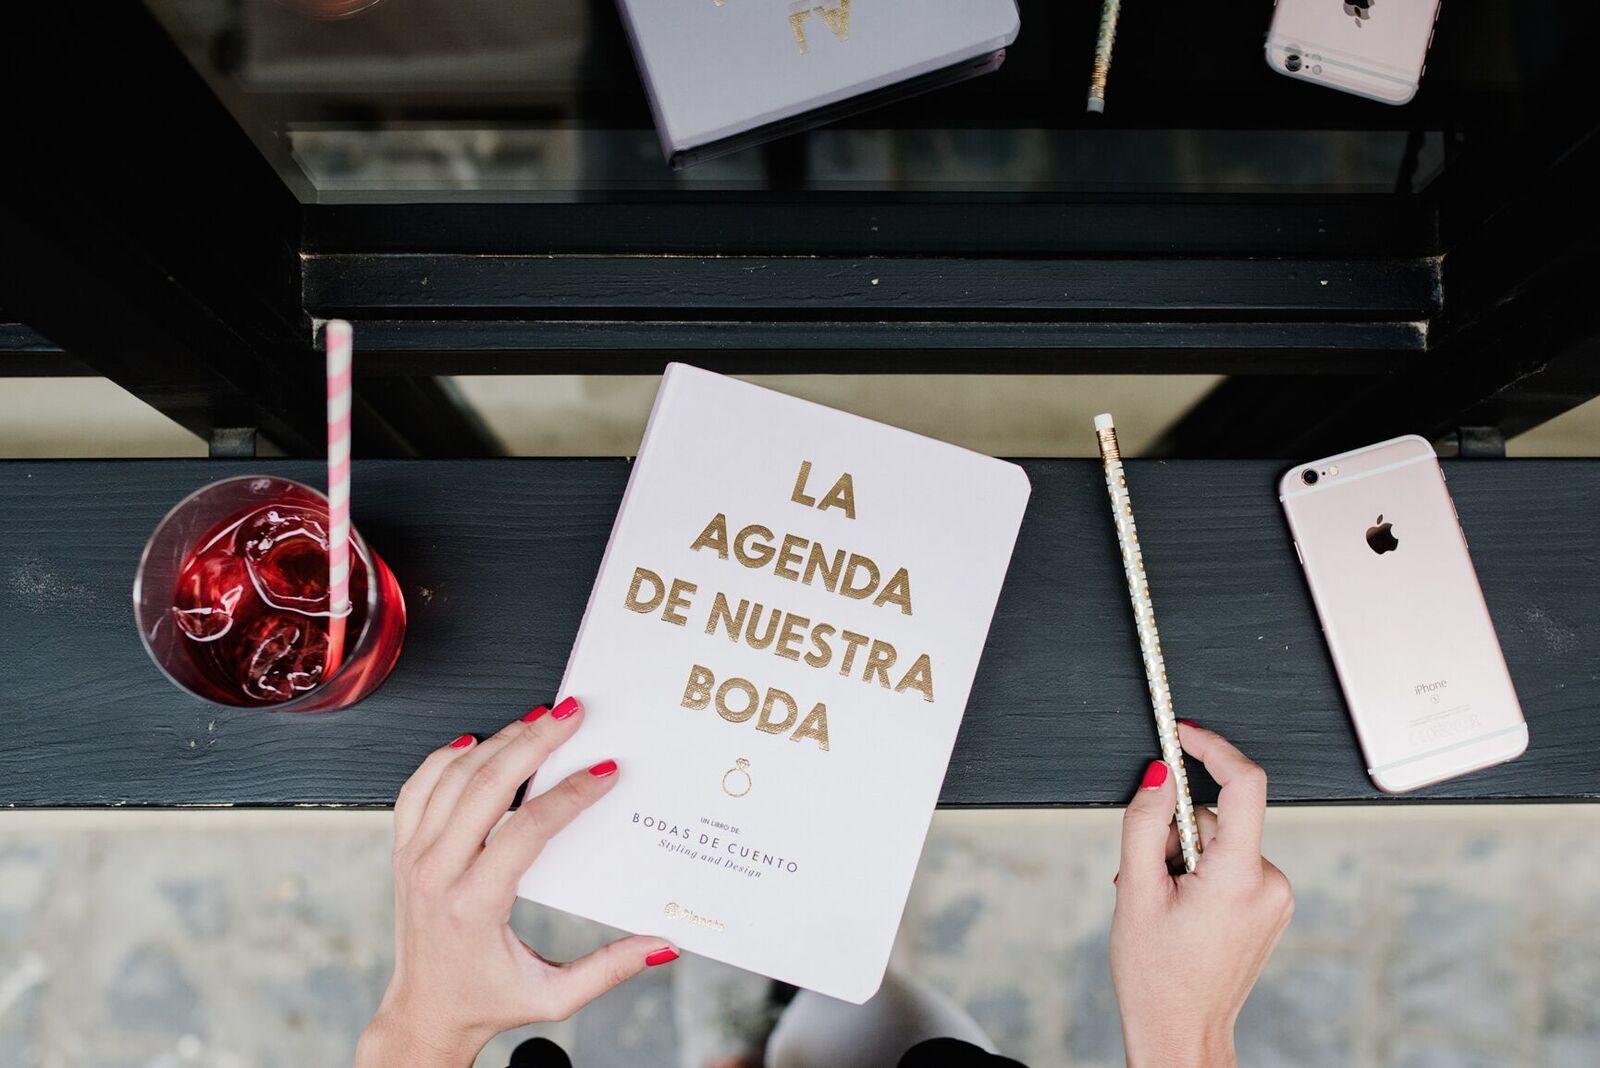 Agenda perfecta para organizar tu boda bodasdecuento.com